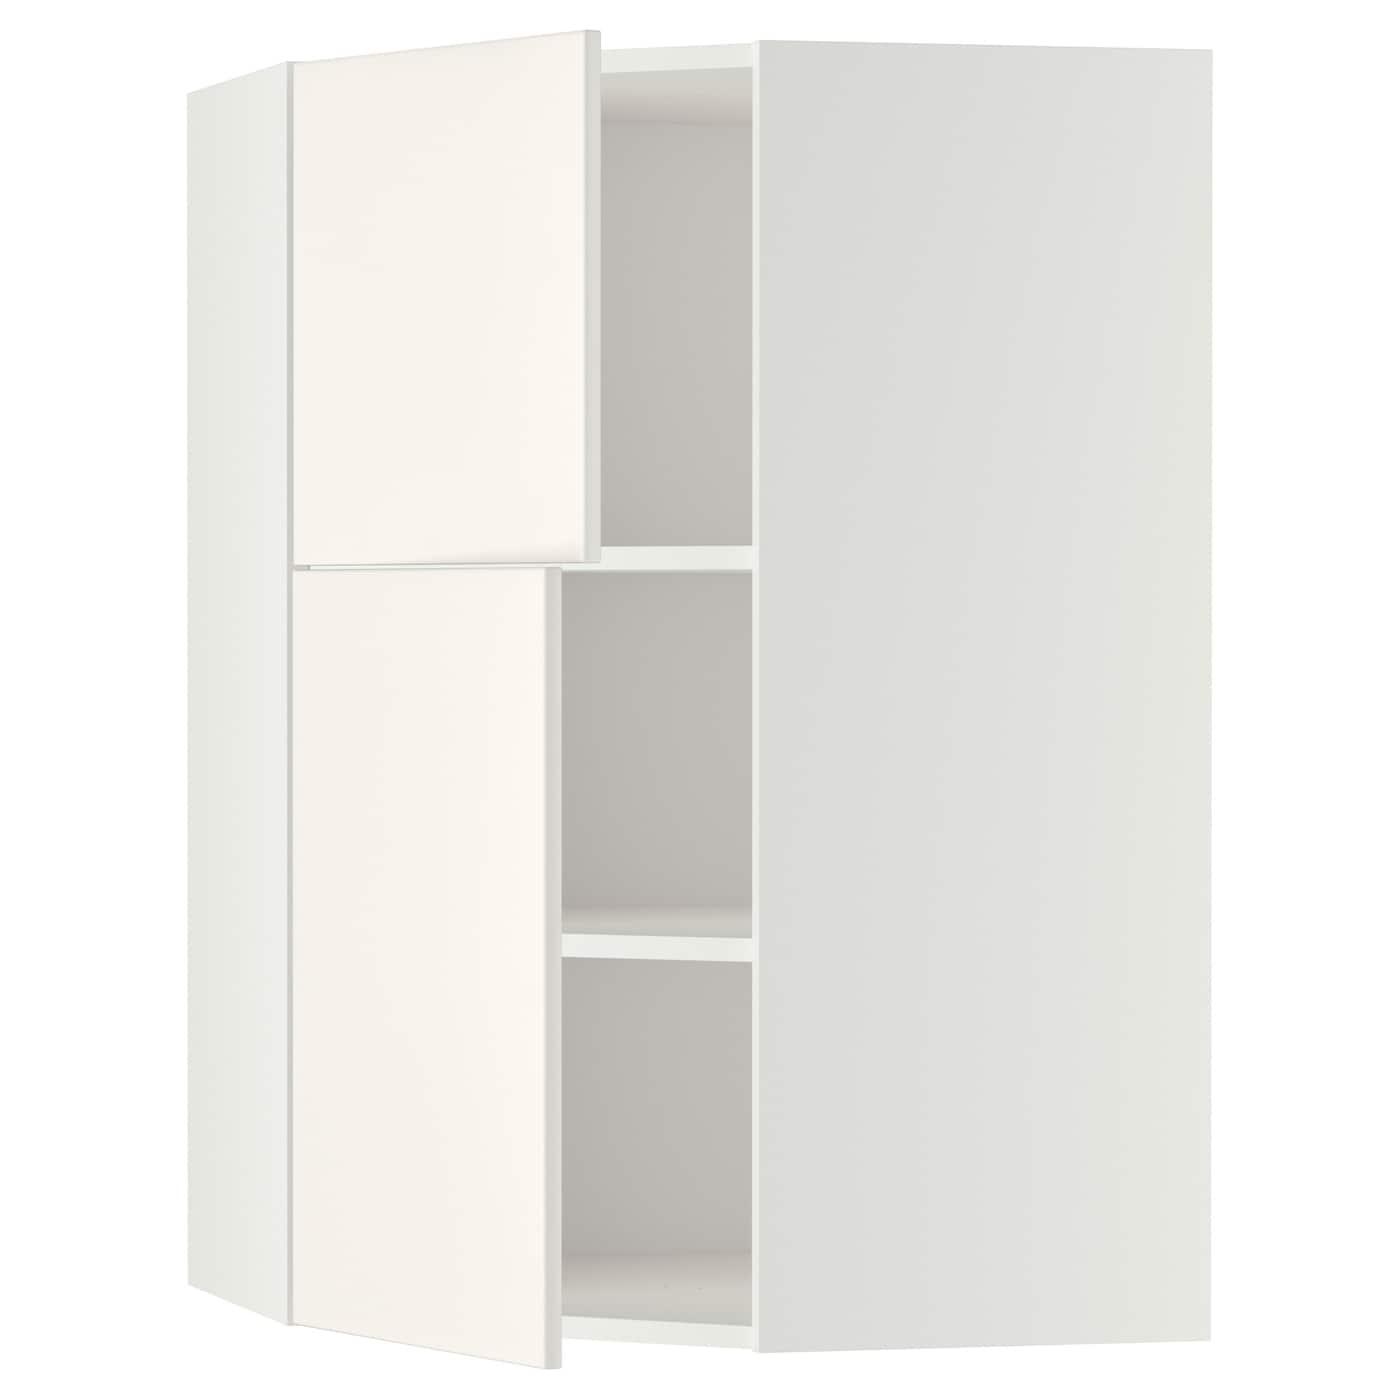 METOD, Wandeckschrank mit Böden/2 Türen, weiß 690.006.20